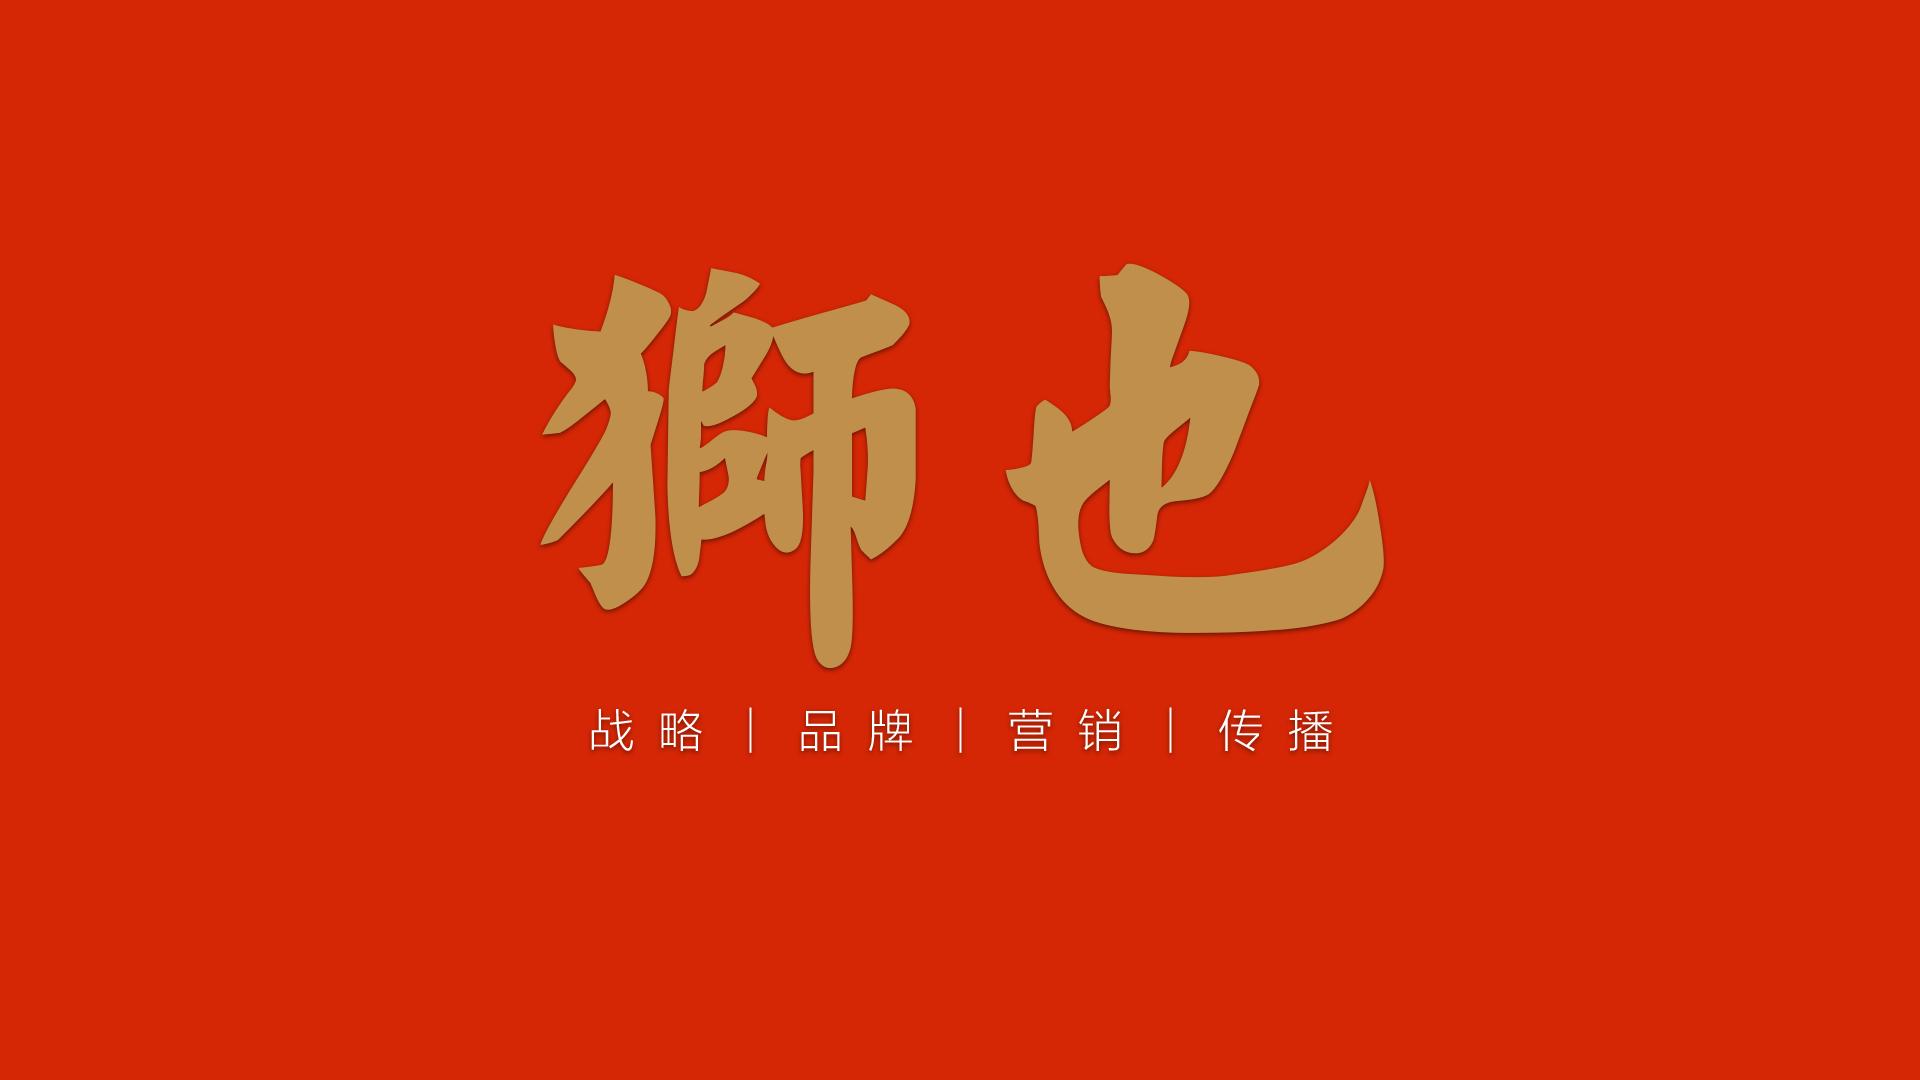 """""""叫花子营销""""对我们的启示—山东济南狮也战略品牌营销策划咨询顾问公司"""